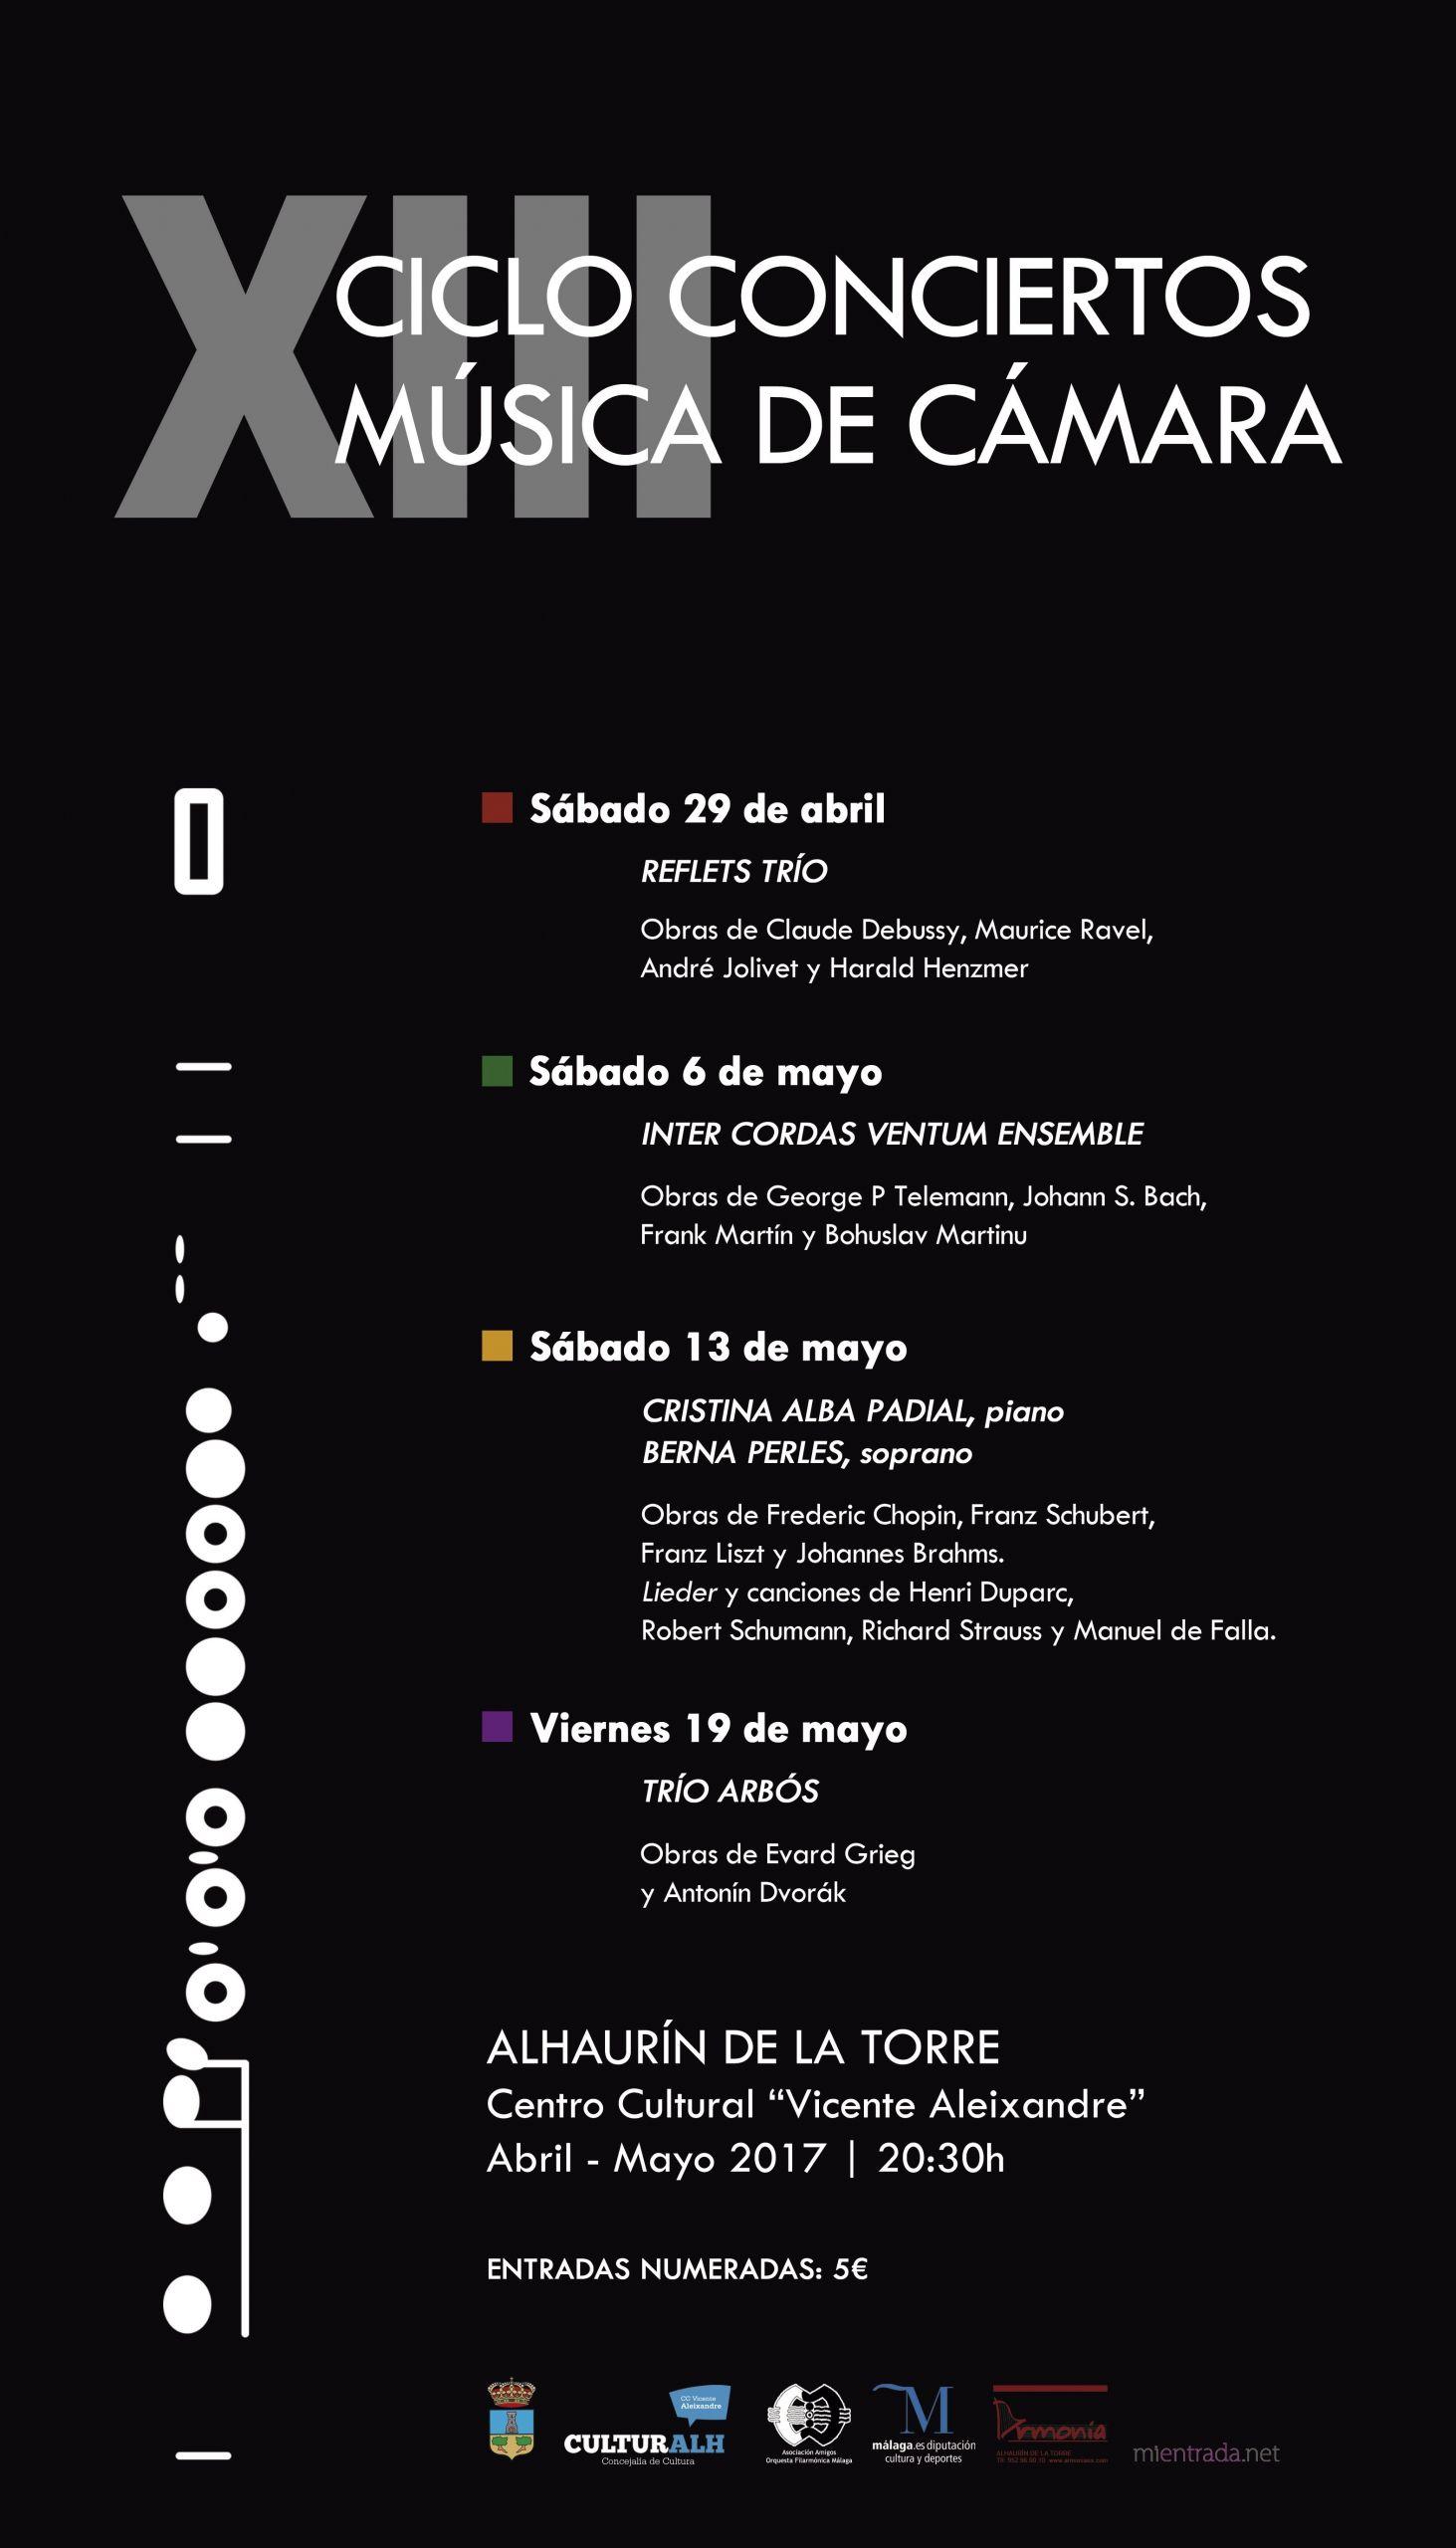 calendario enero febrero marzo 2020 mas populares el giraldillo todos los eventos del 4 de mayo en andaluca of calendario enero febrero marzo 2020